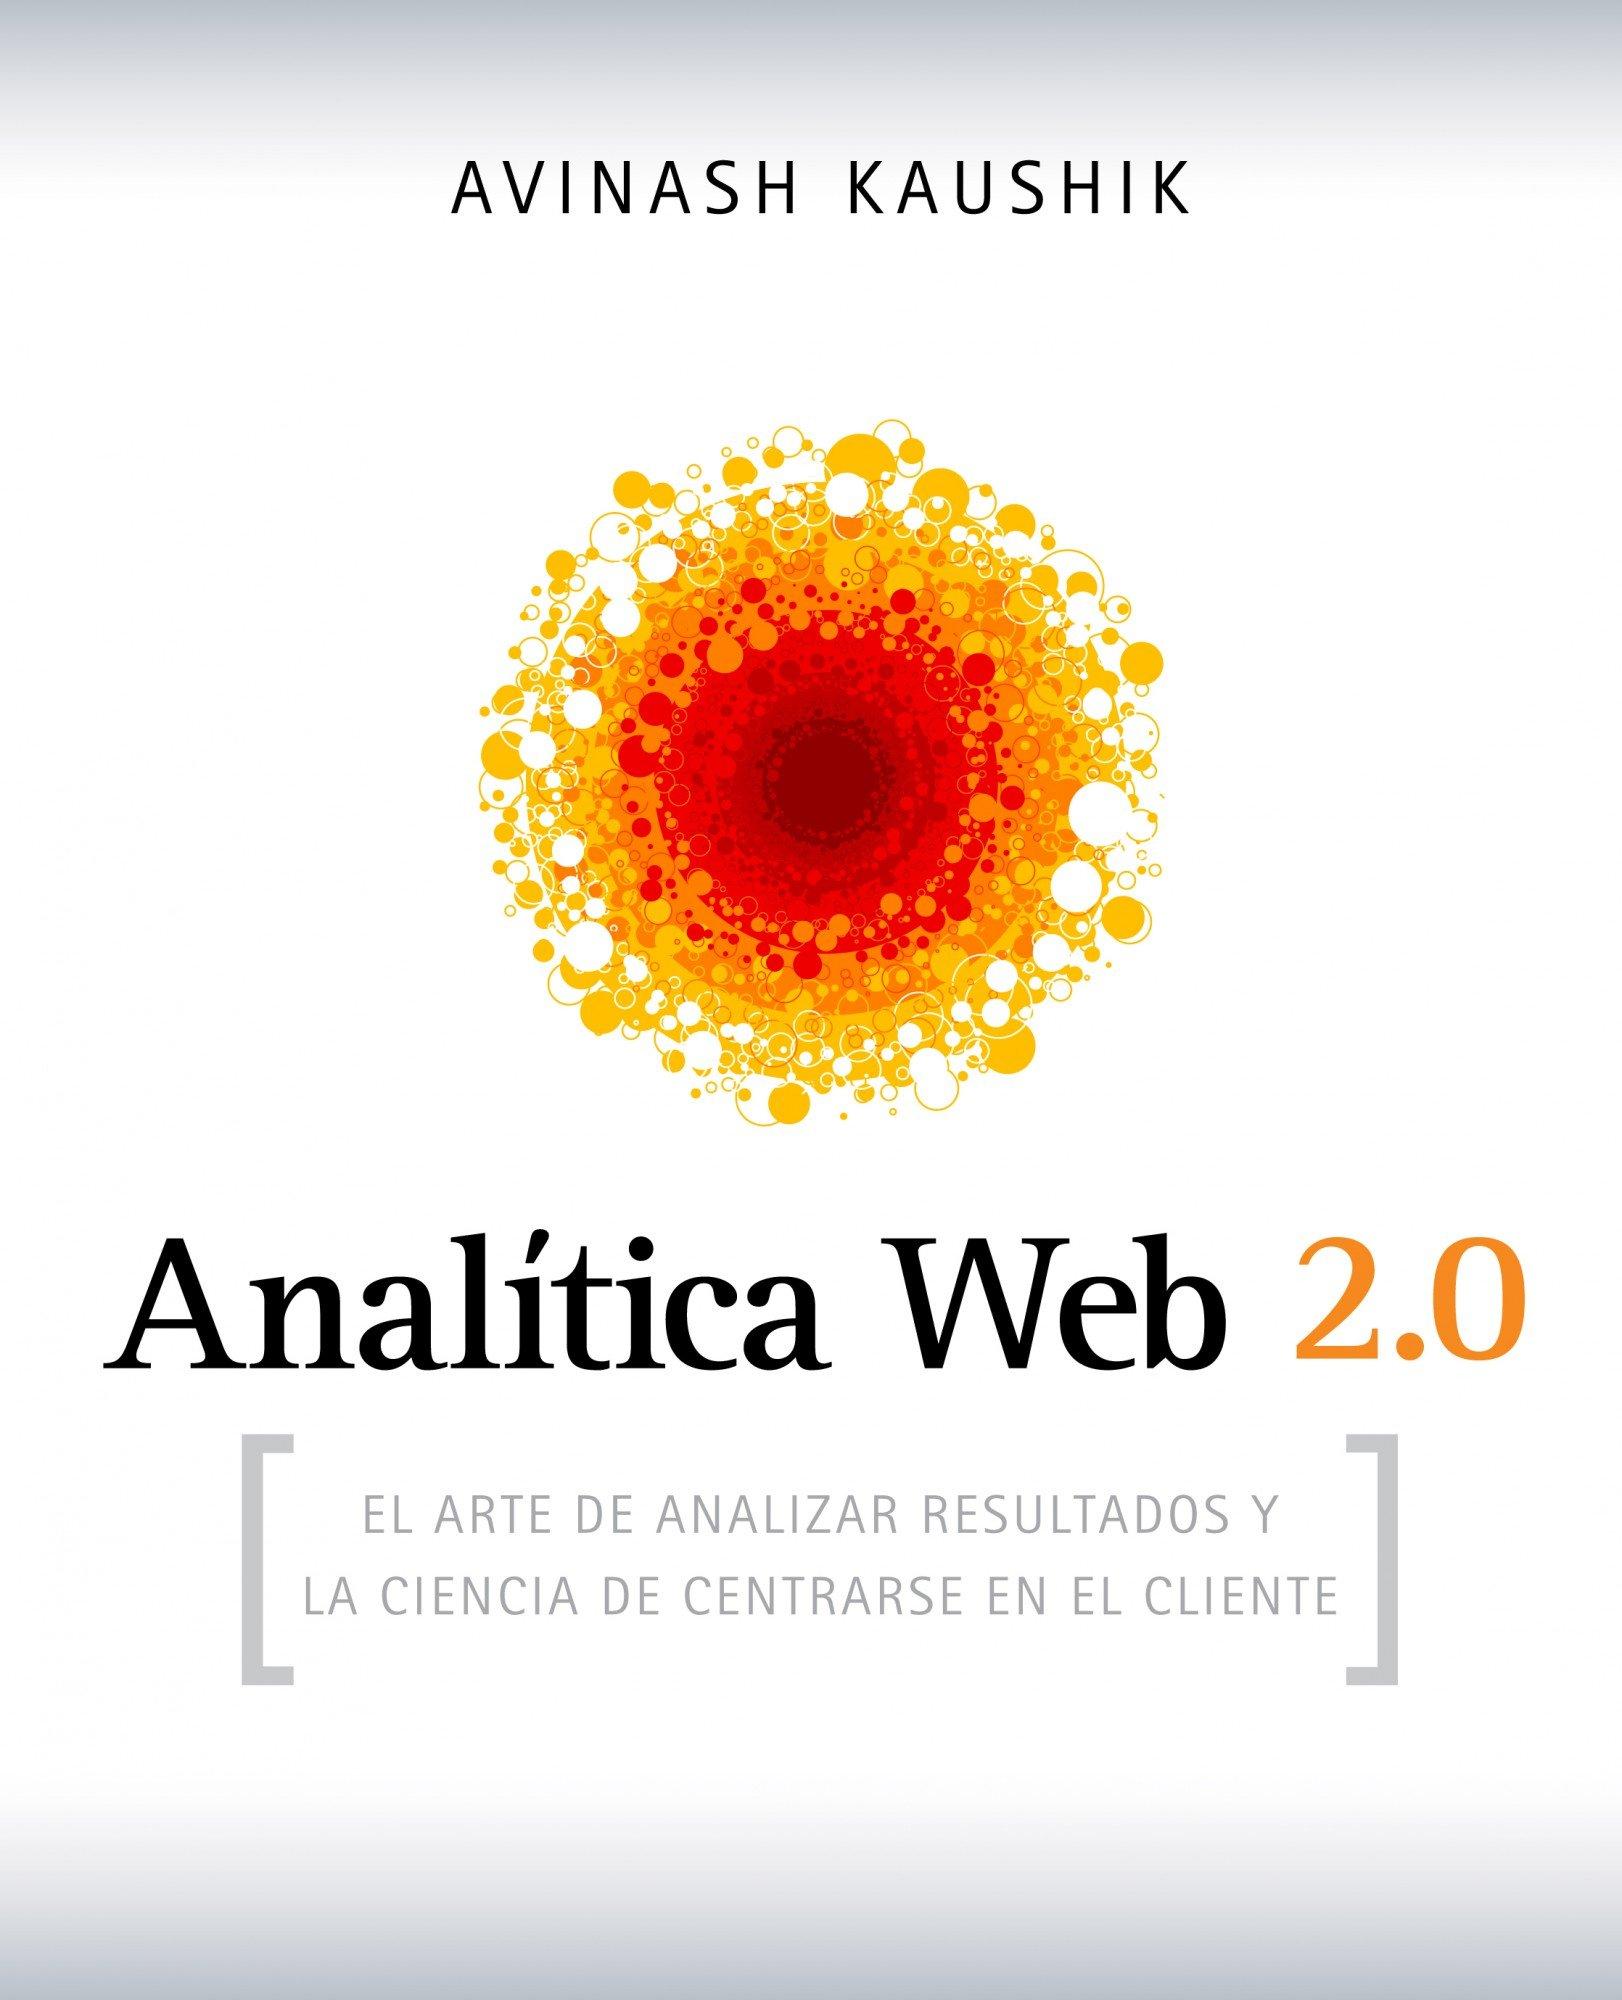 Analítica Web 2.0: El arte de analizar resultados y la ciencia de centrarse en el cliente